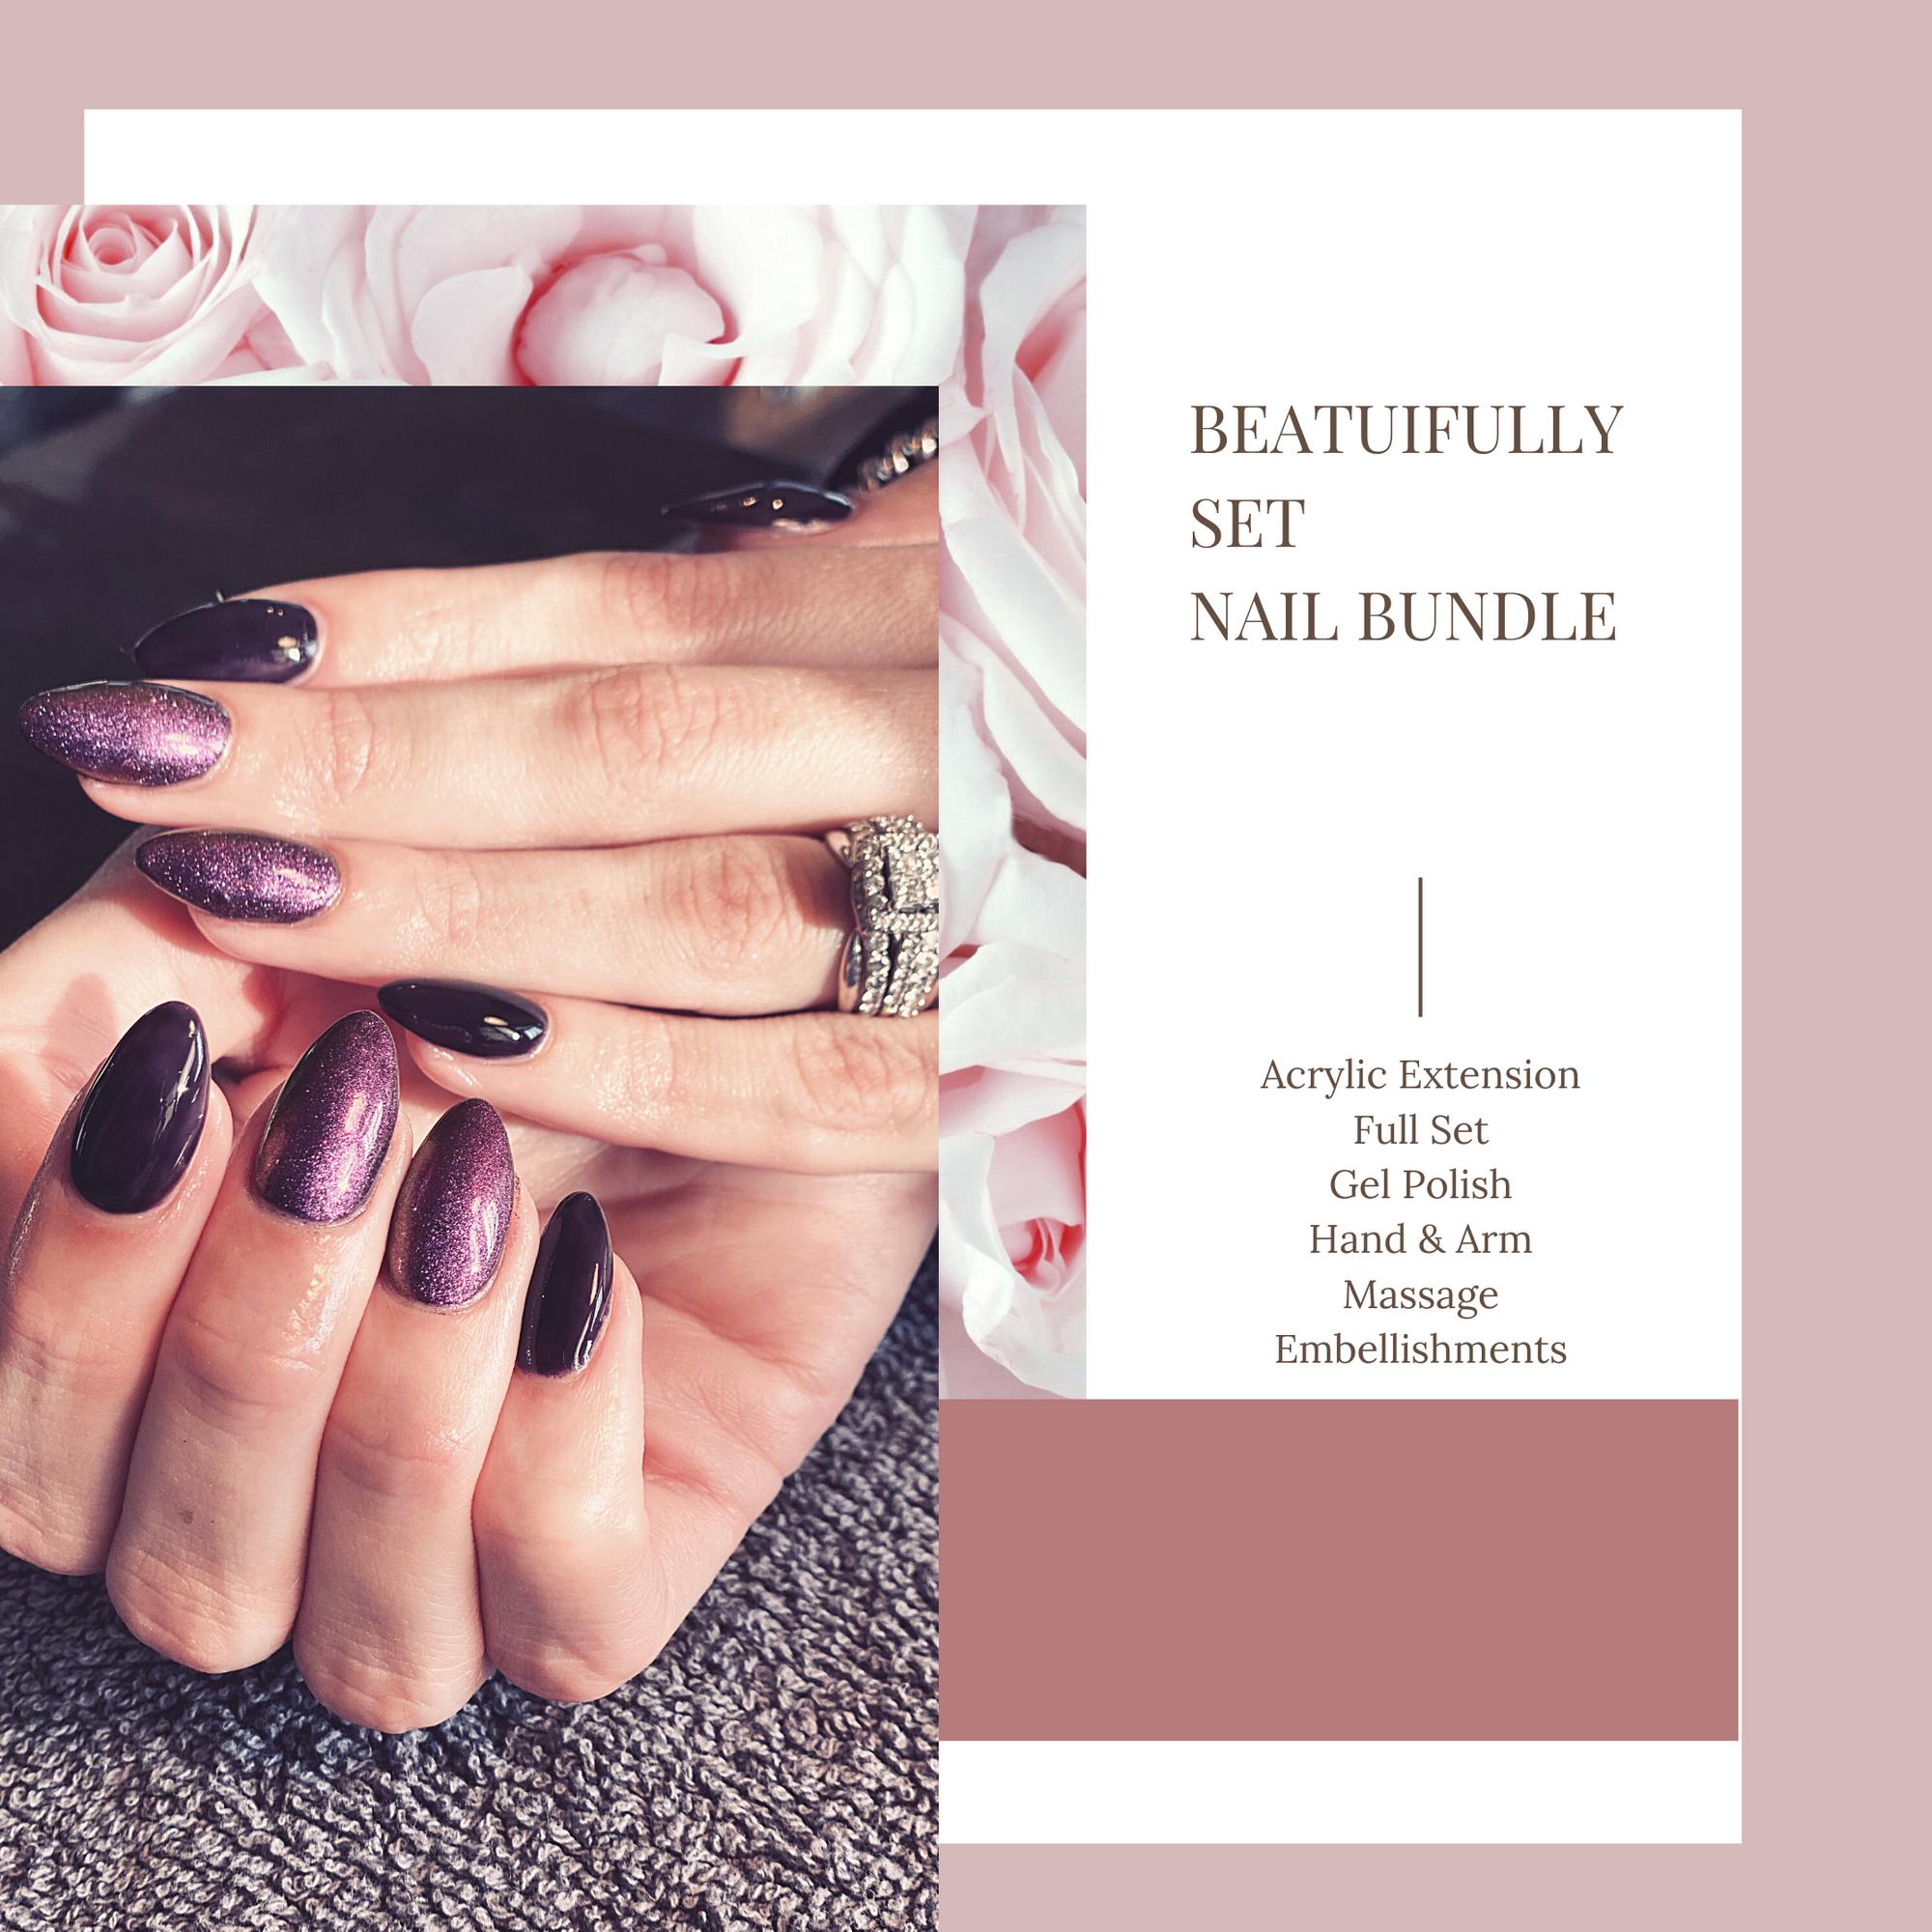 Nail Bundles in 2020 Best salon, Beauty business, Beauty